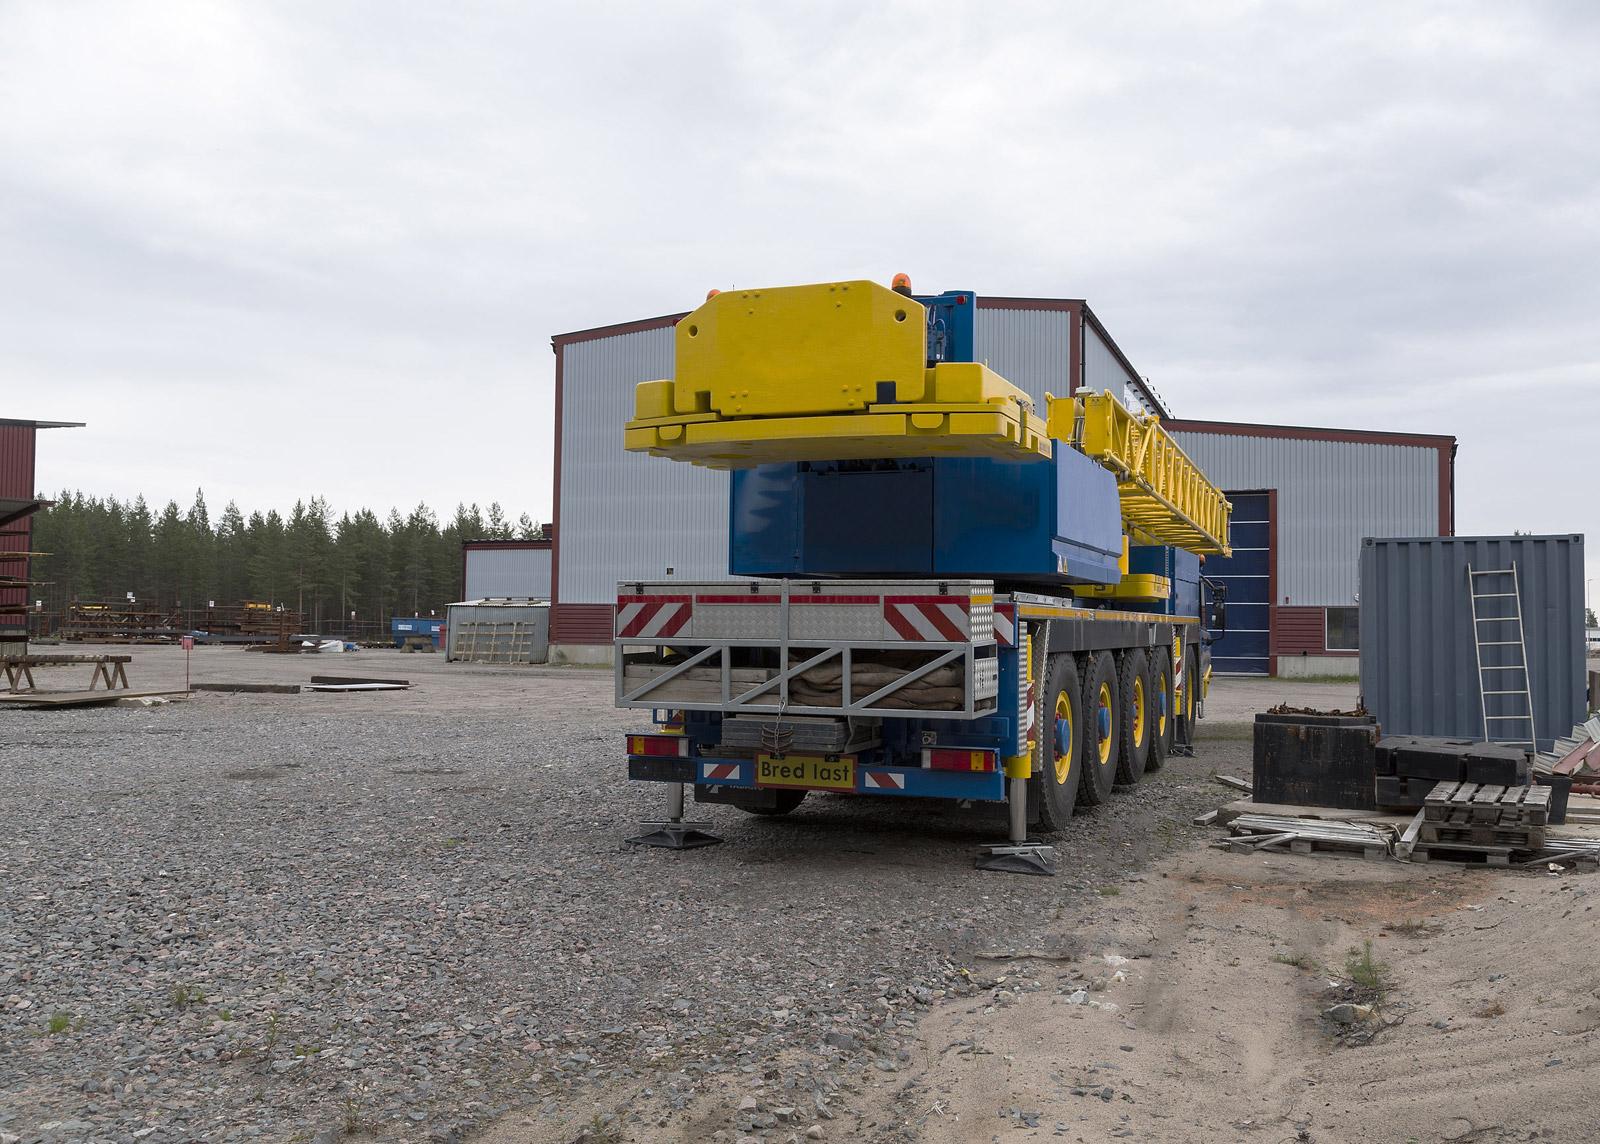 Kranbilar och specialtransporter - kranbilar Örebro, specialtransporter Örebro